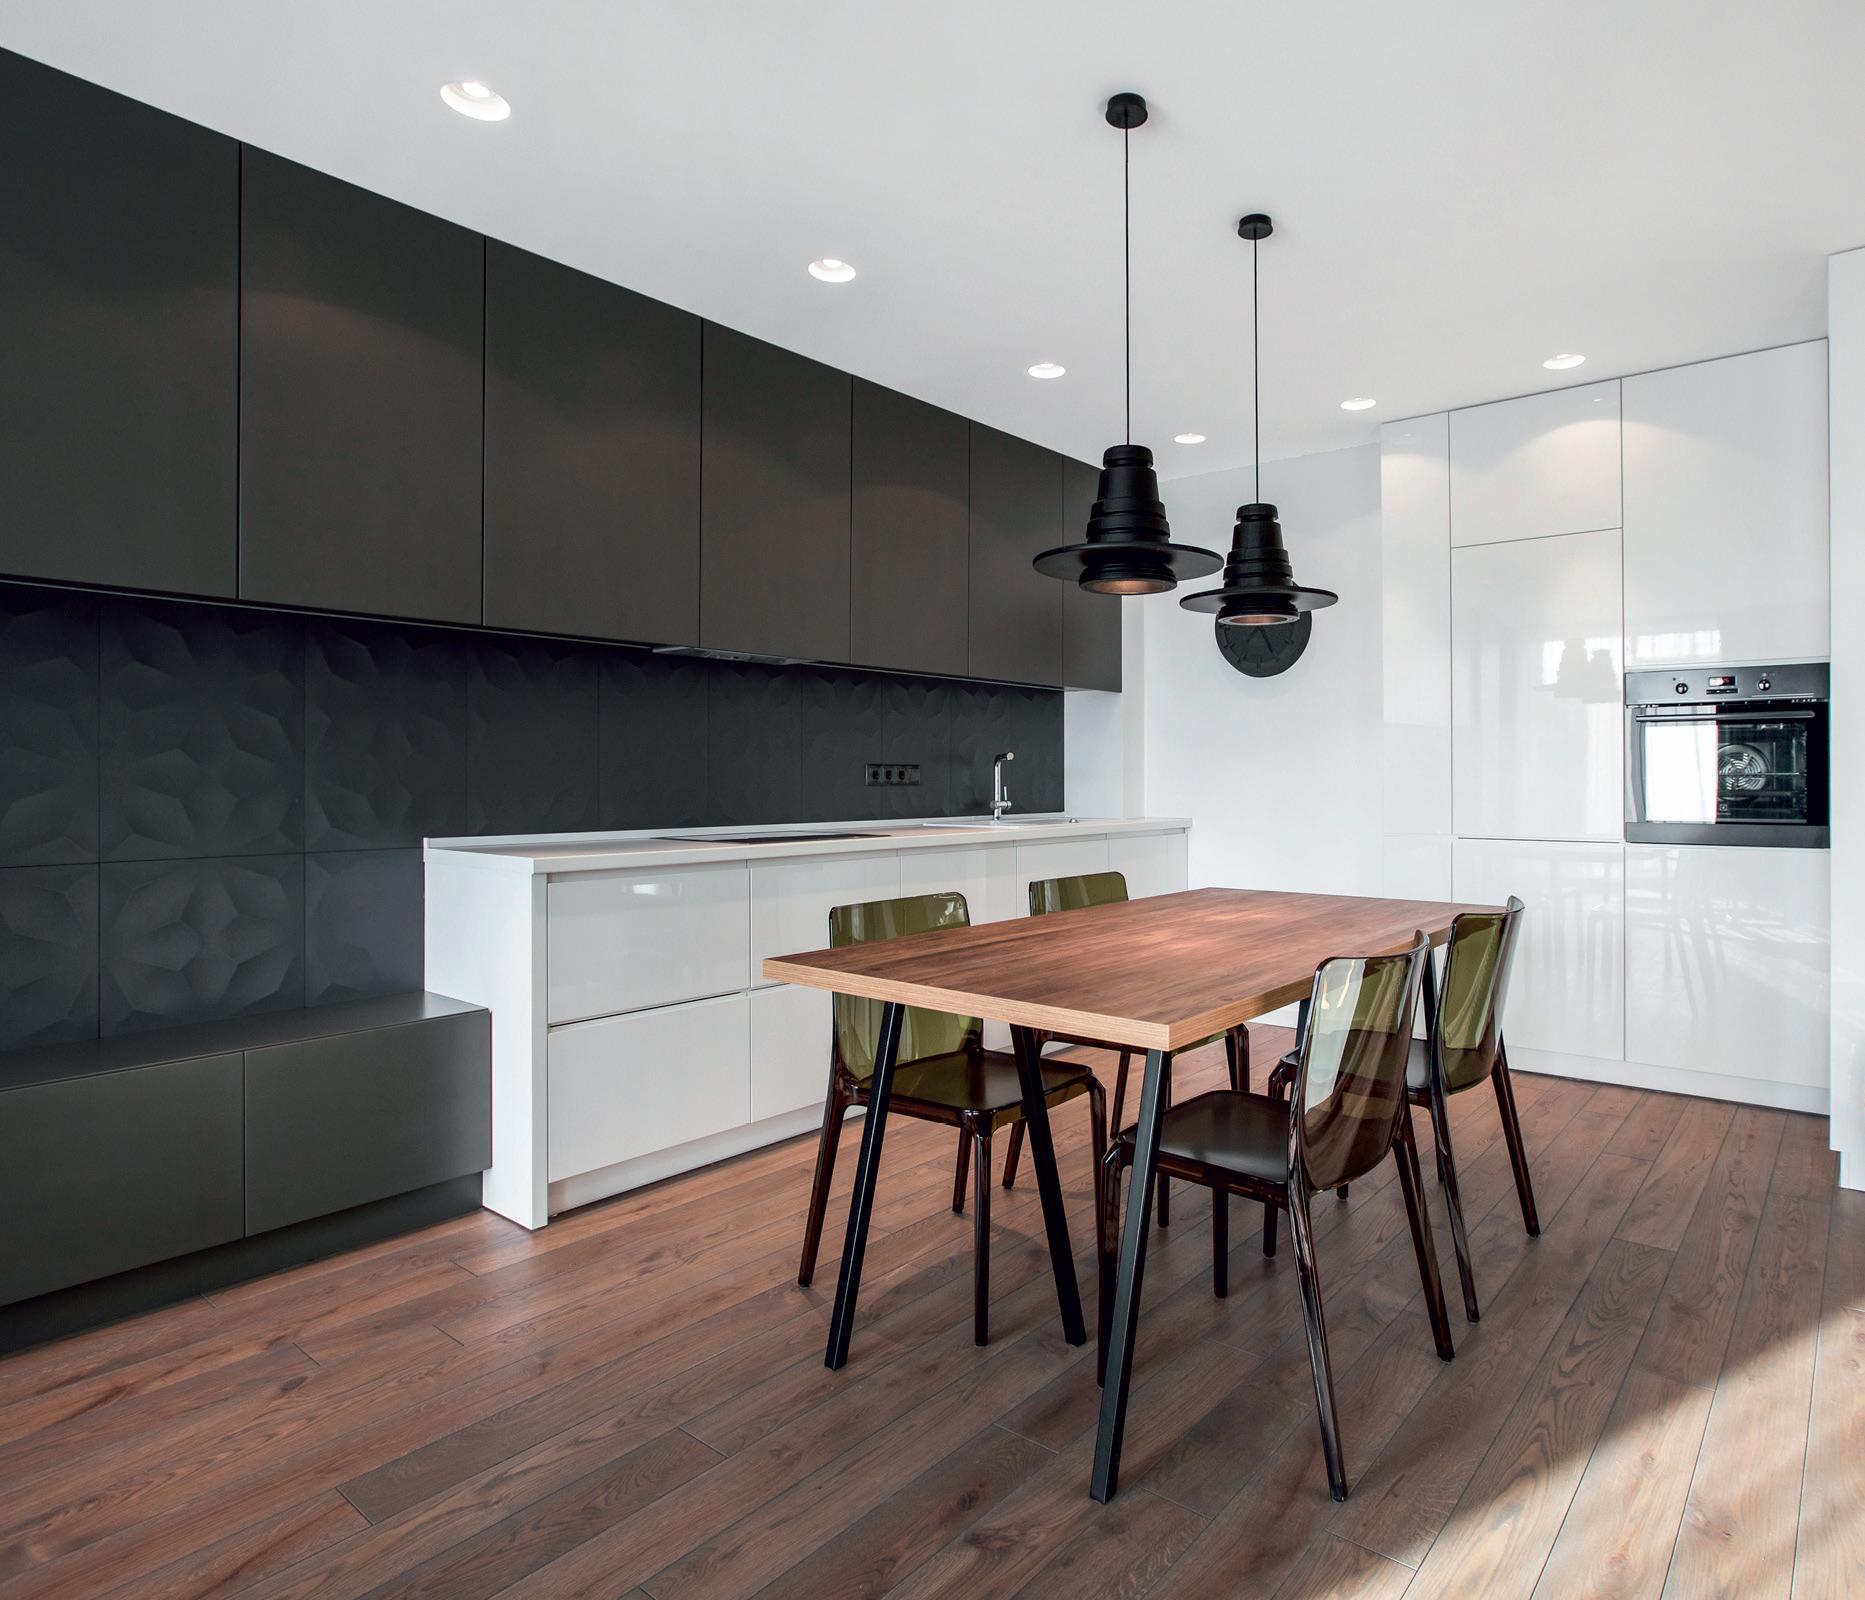 Dažyti virtuvės fasadai atrodo solidžiai. Blizgaus ir matinio paviršių kontrastas. Aut. Vismantė Tubelytė